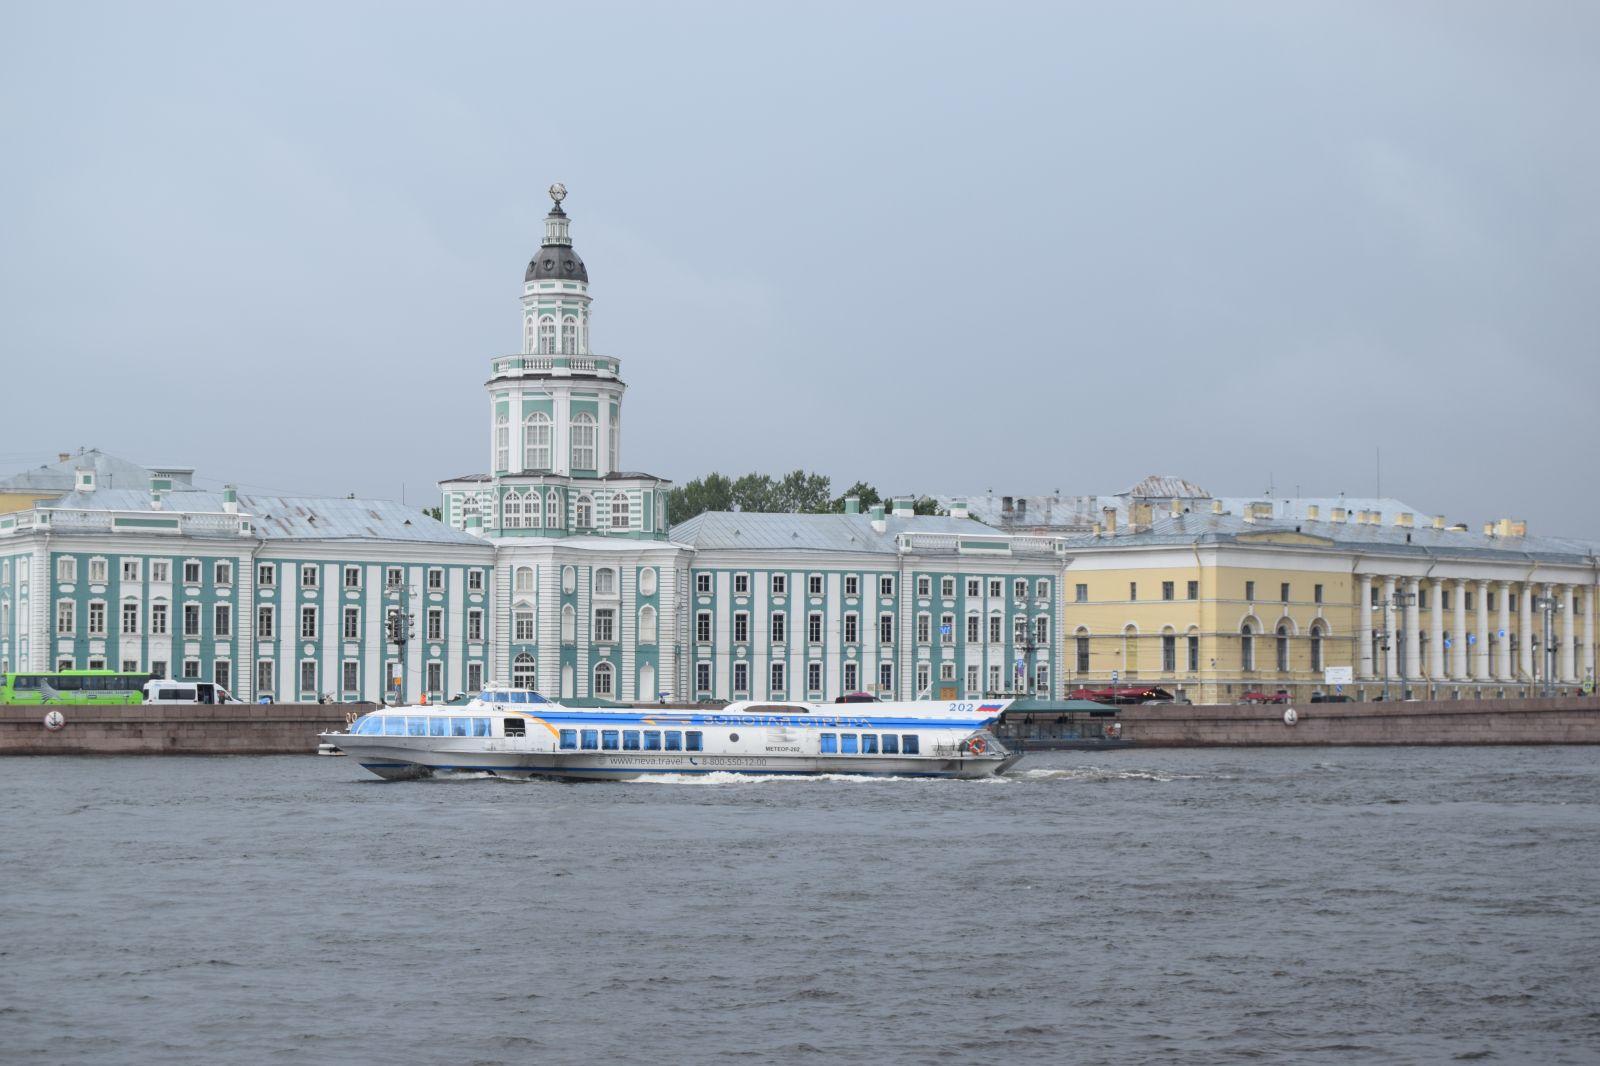 Дъждовен вторник в Санкт-Петербург - част 3